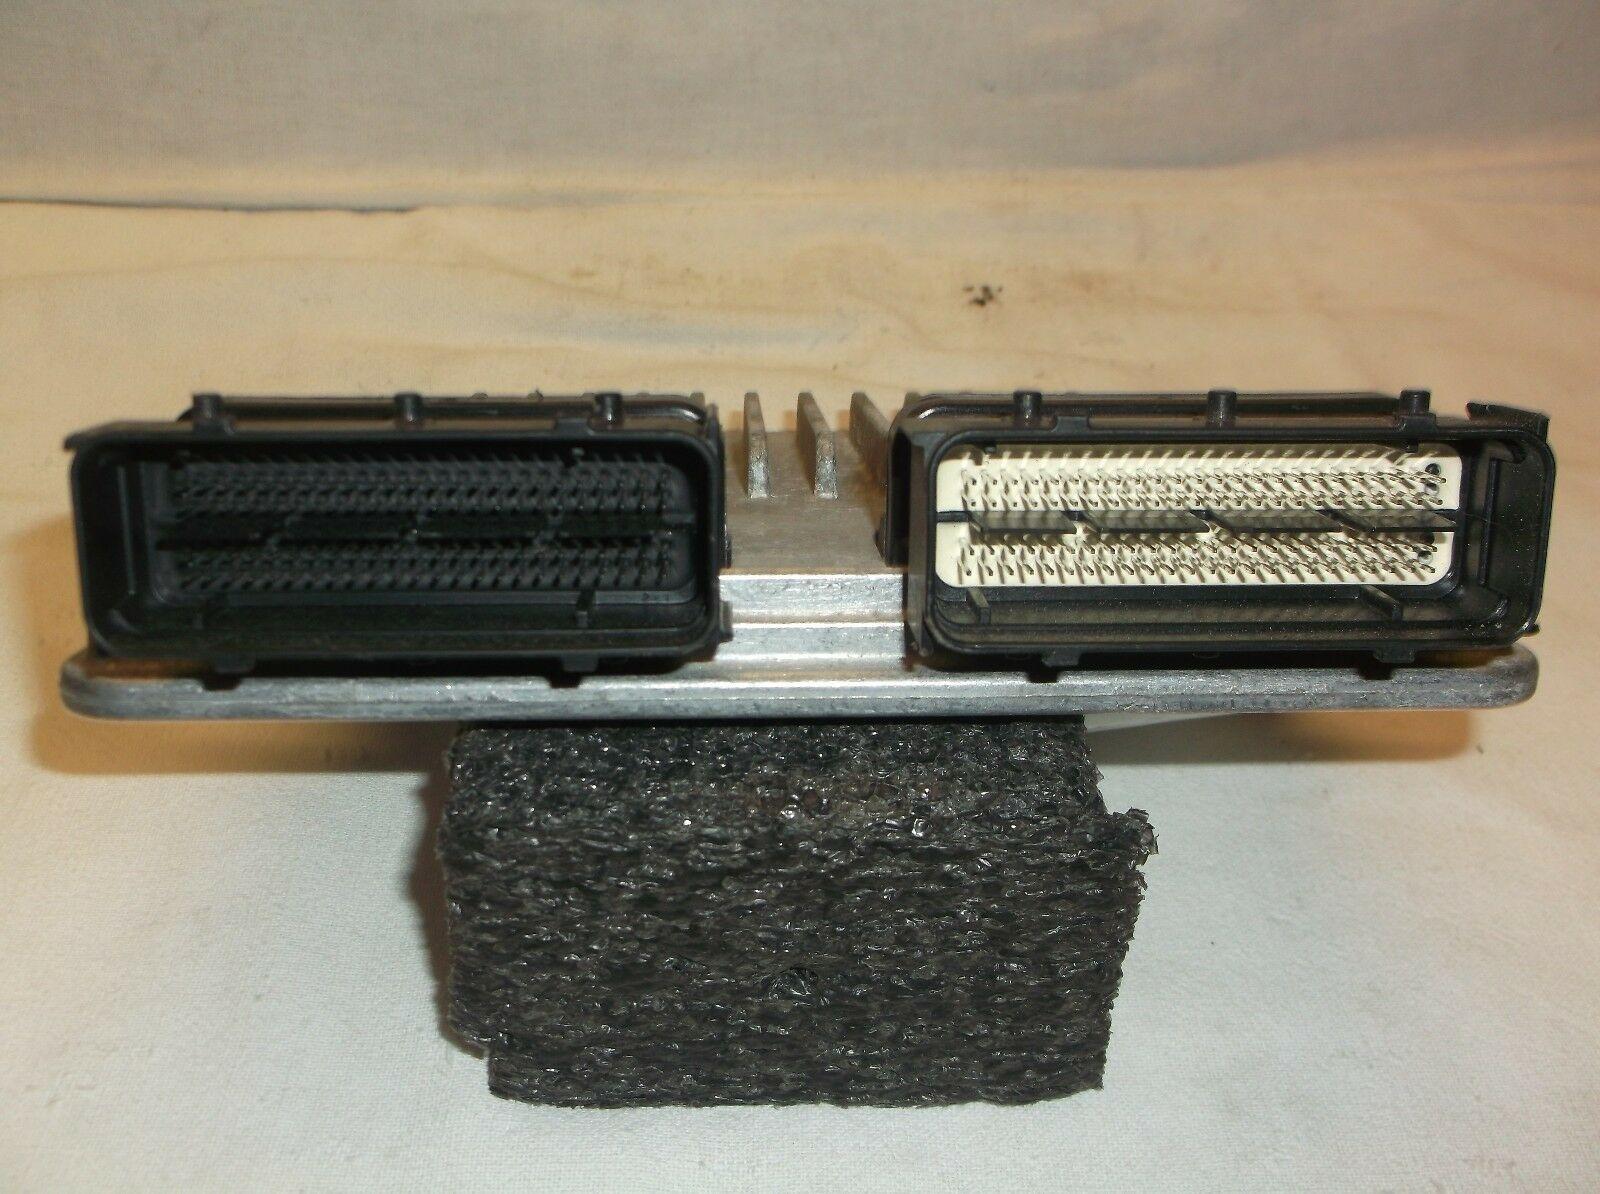 11-12 Kia Sedona Engine Control Module  Computer  Ecu Ecm  Pcm